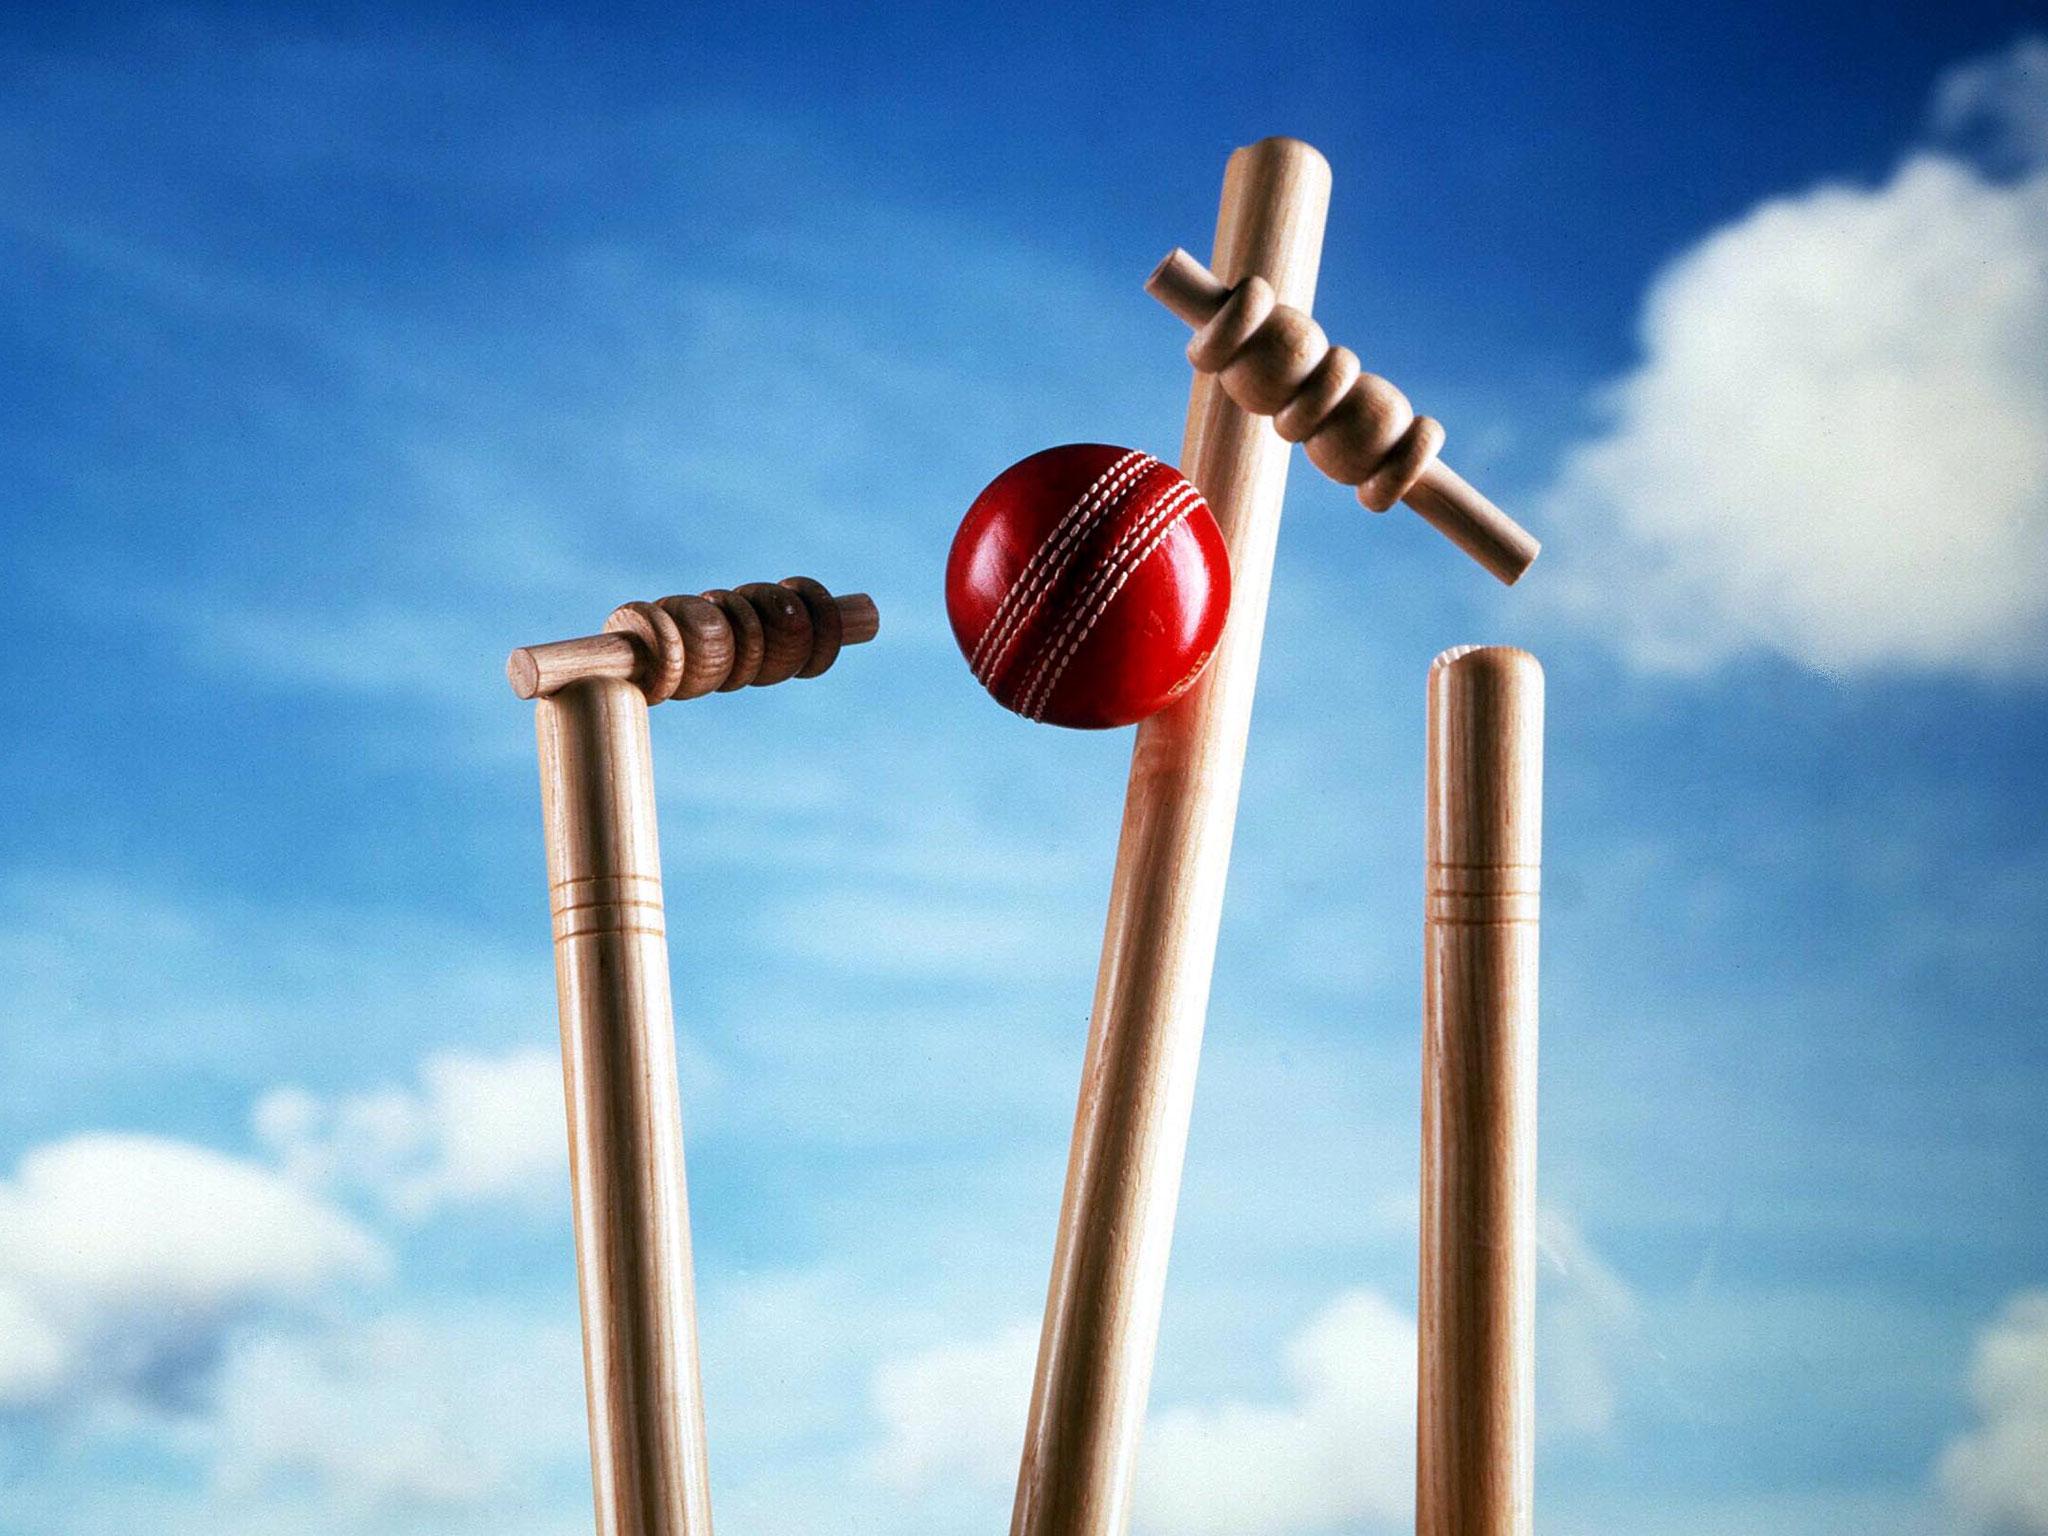 इस भारतीय खिलाड़ी को बीसीसीआई ने अपने अम्पायर पैनल में किया शामिल 4